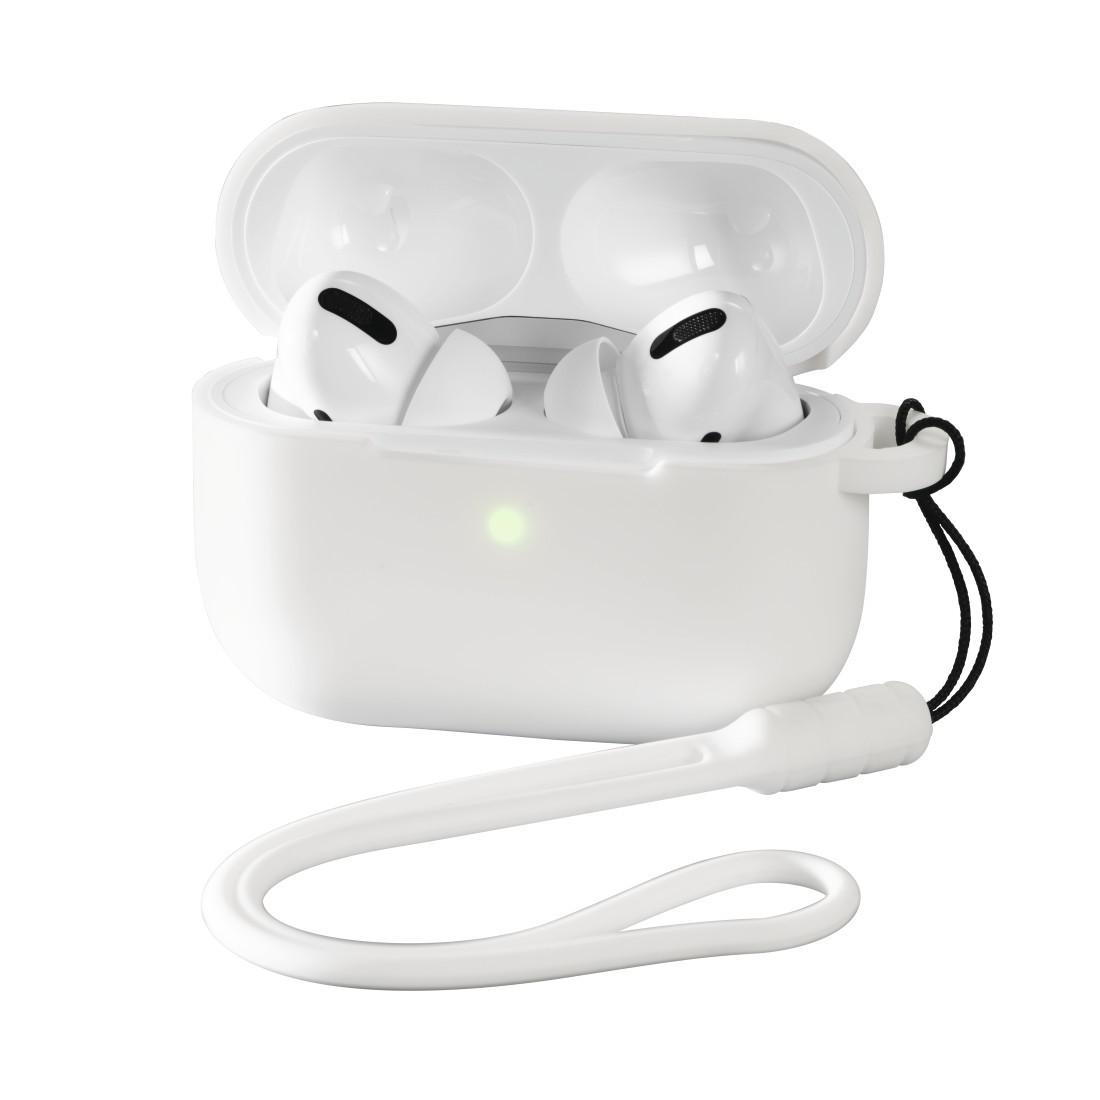 Étui de protection pour boîtier Apple AirPods Pro